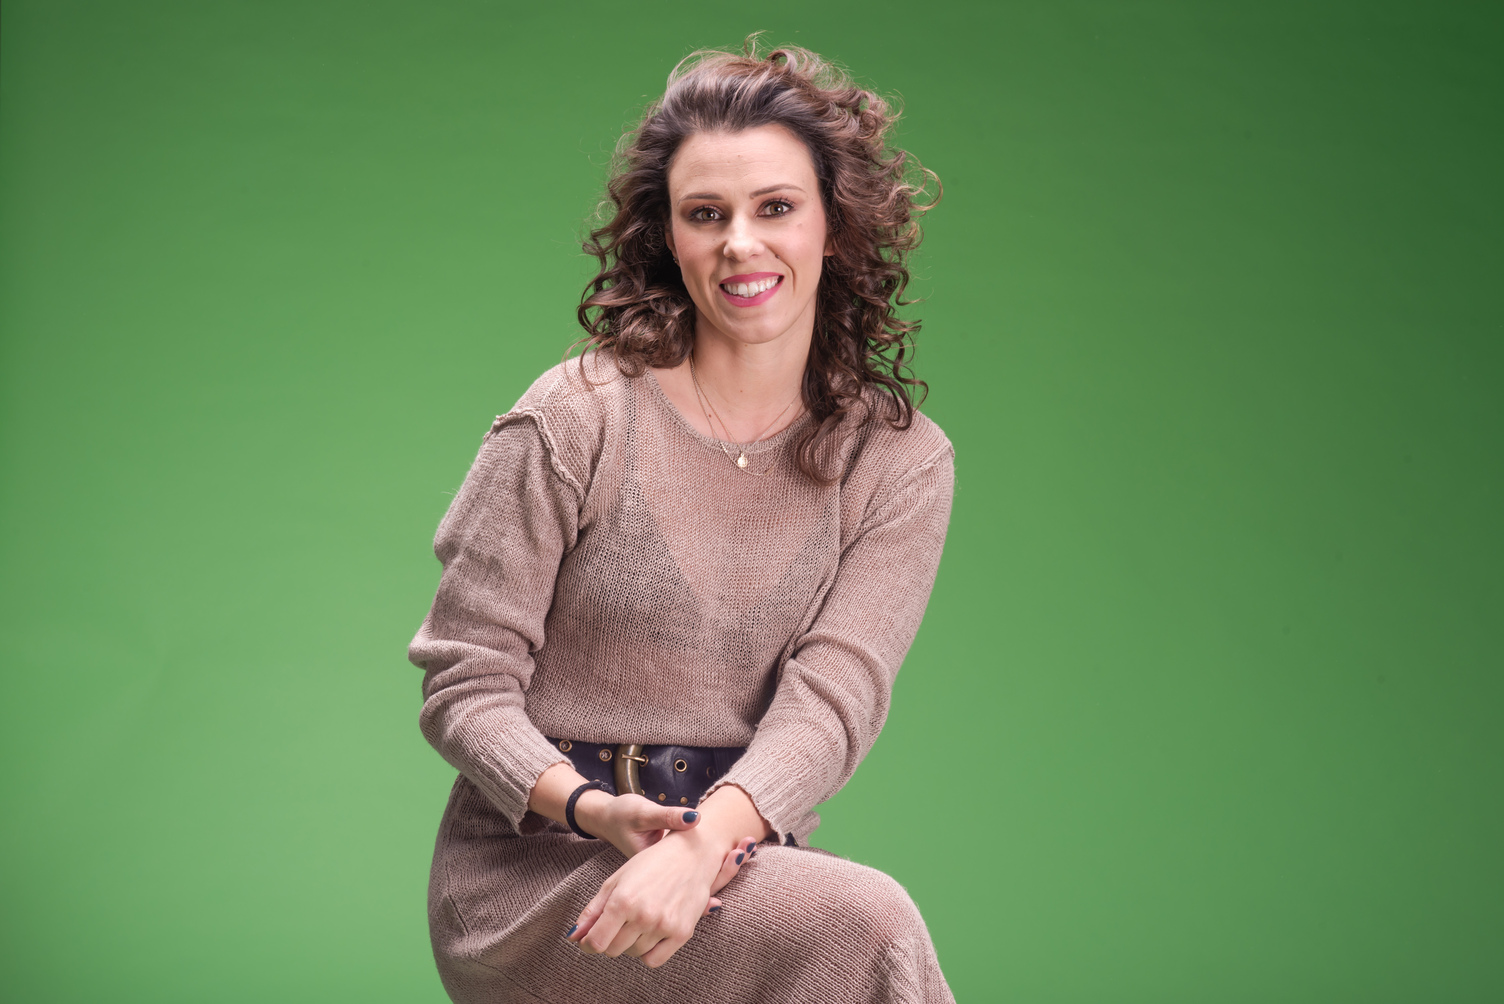 Natali Dizdar020519- 01_1